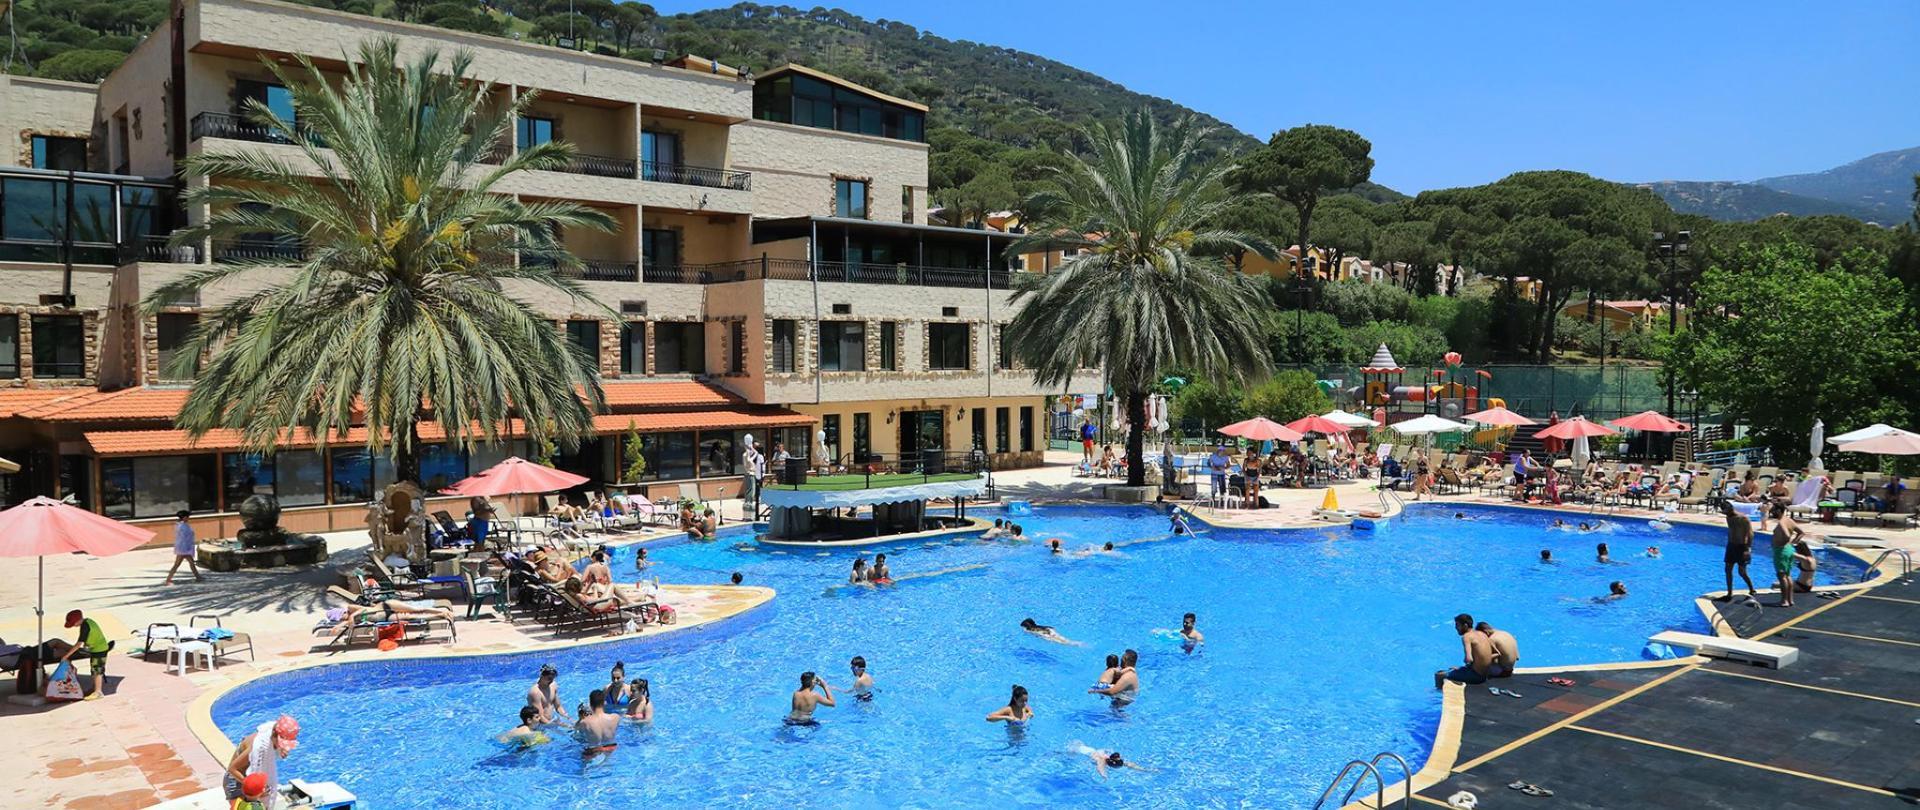 pool site.jpg